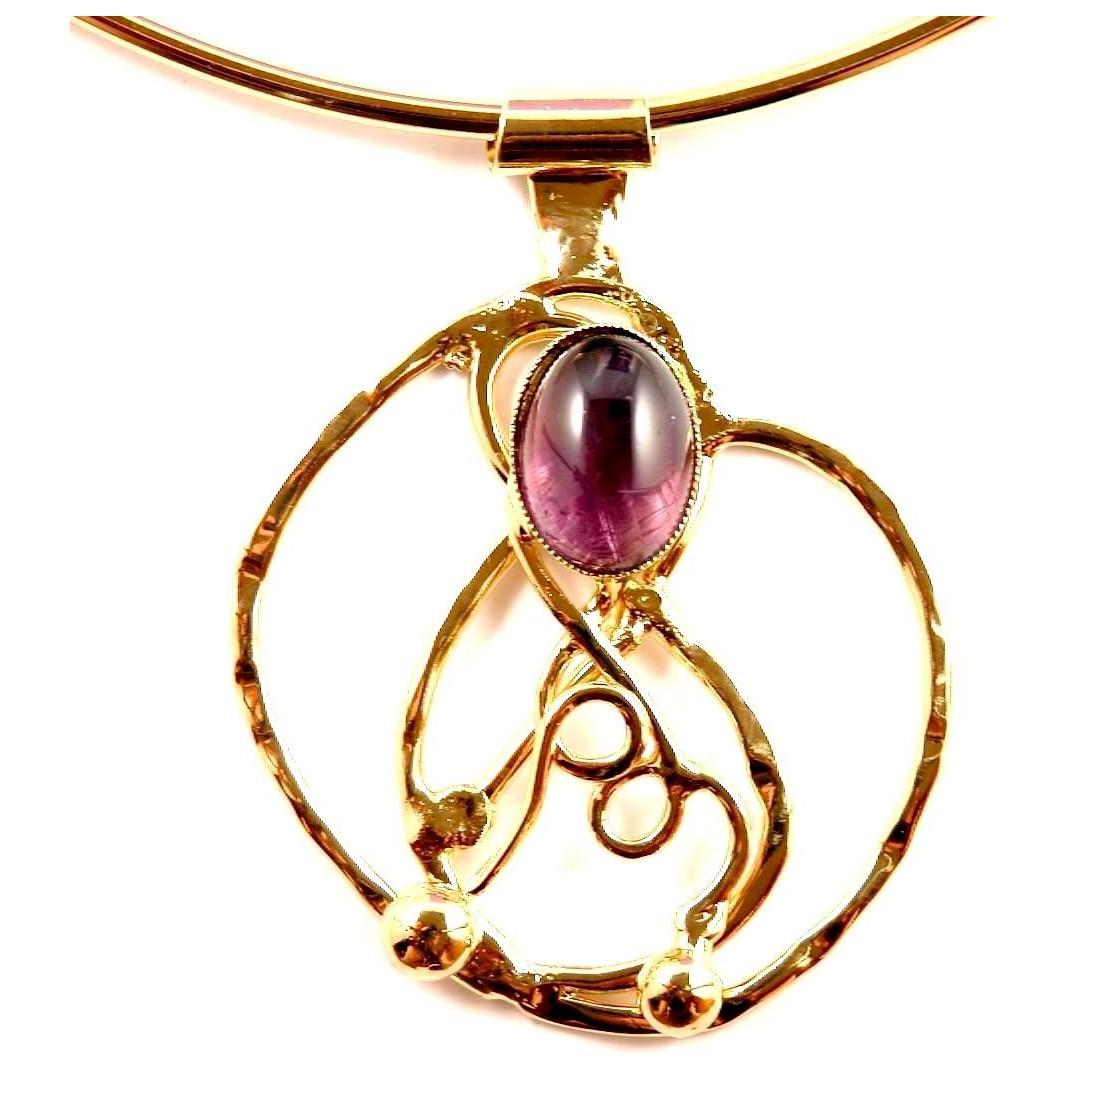 Magnifique collier artisanal avec améthyste